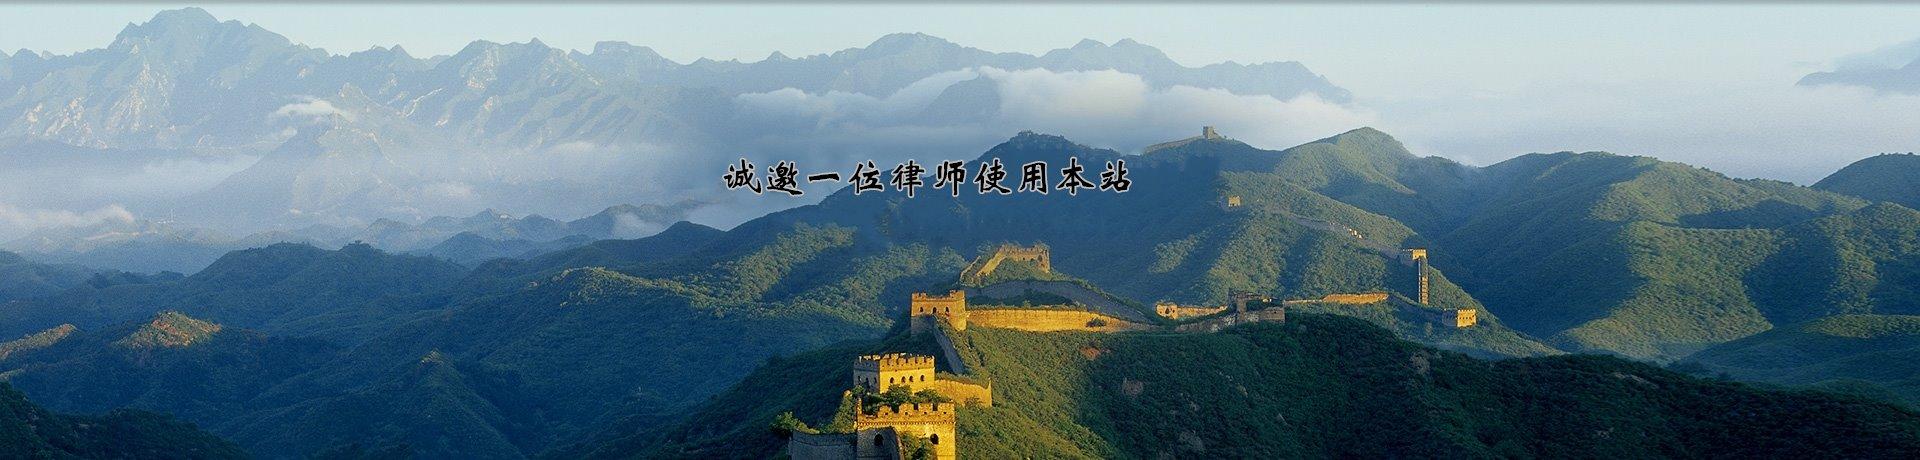 上海合同律师大图一